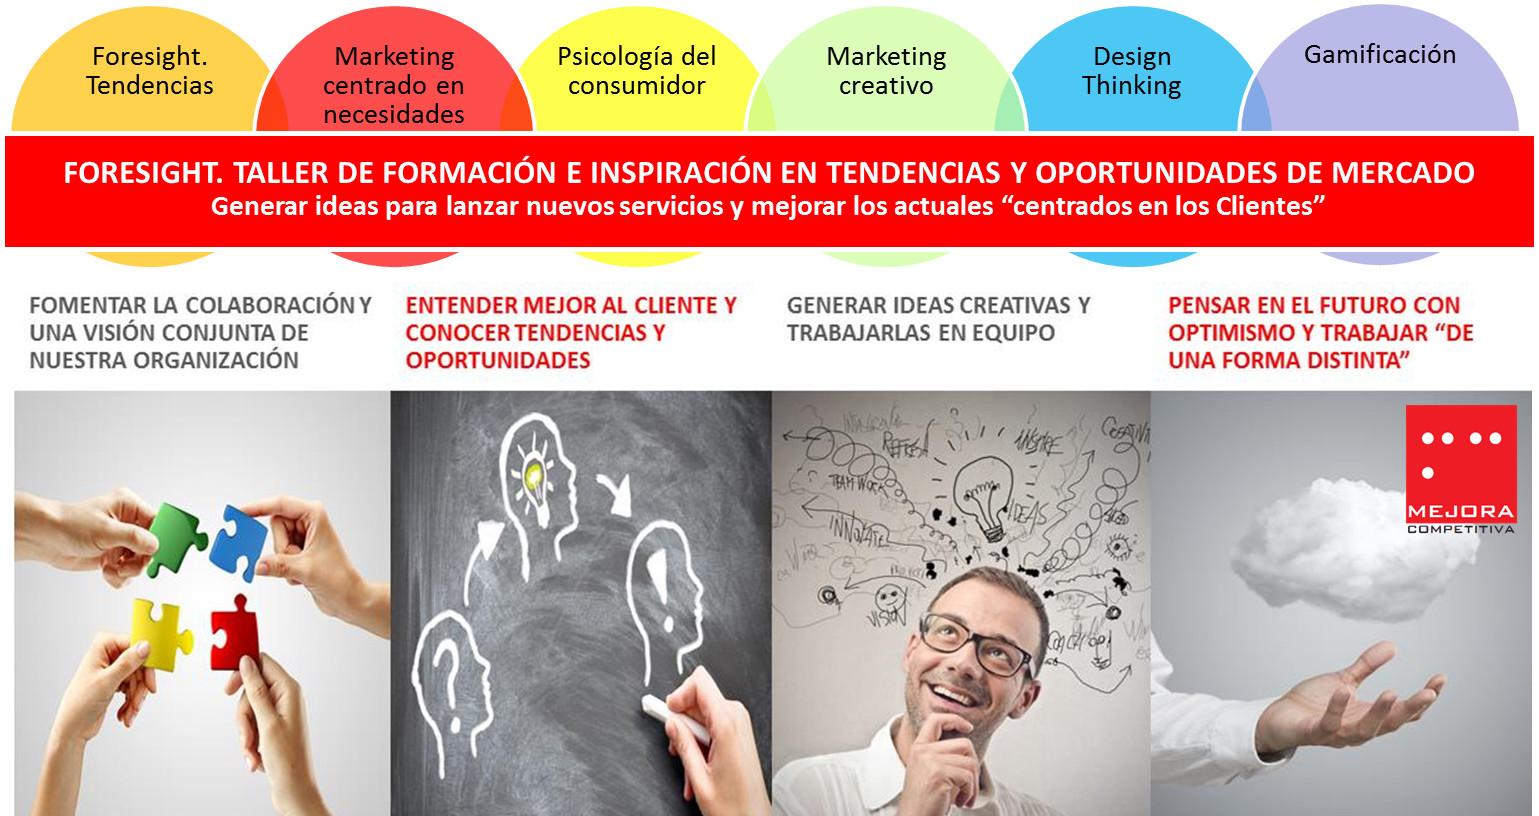 Foresight. Talleres de formación e inspiración en tendencias y oportunidades de mercado